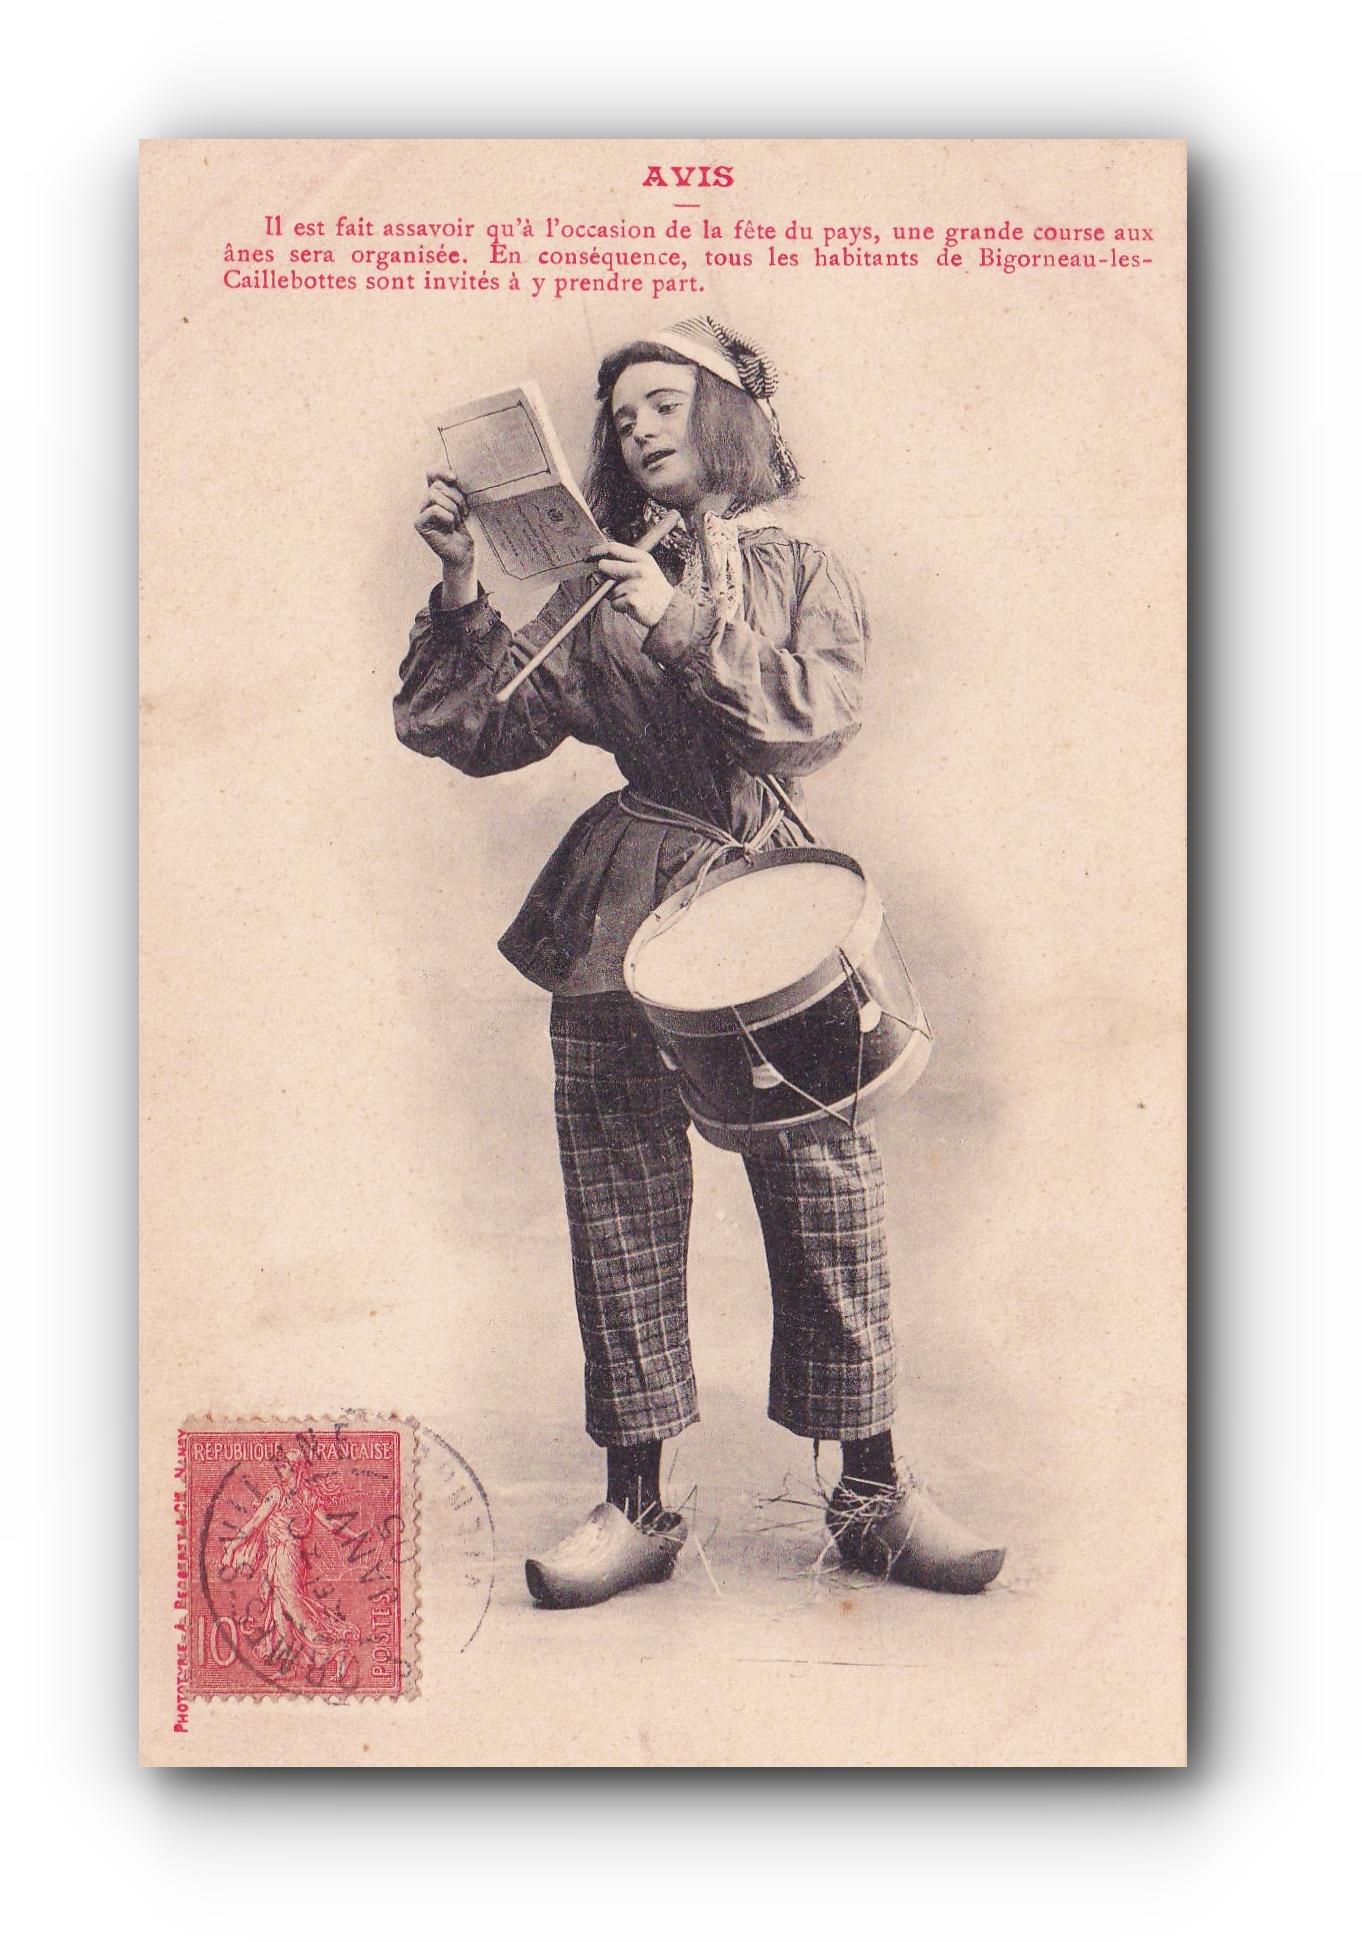 Avis aux habitants - 01.1905 - Mitteilung an die Einwohner - Communication to the residents